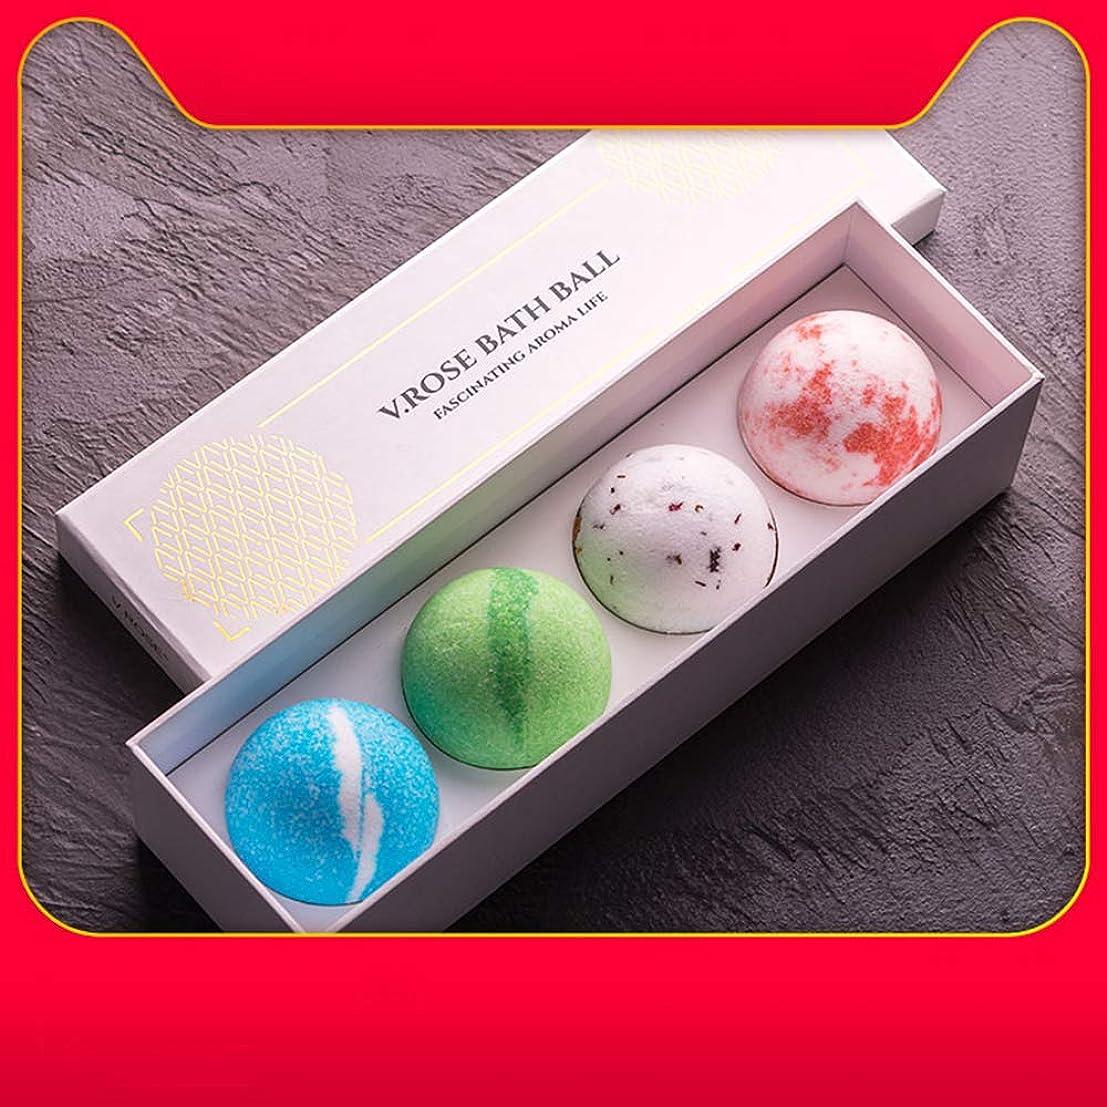 衝撃心理学実験室バスボム 炭酸 入浴剤 ギフト 手作り お風呂用 4つの香りキット 天然素材 カラフル バスボール 母の日 結婚記念日 プレゼント